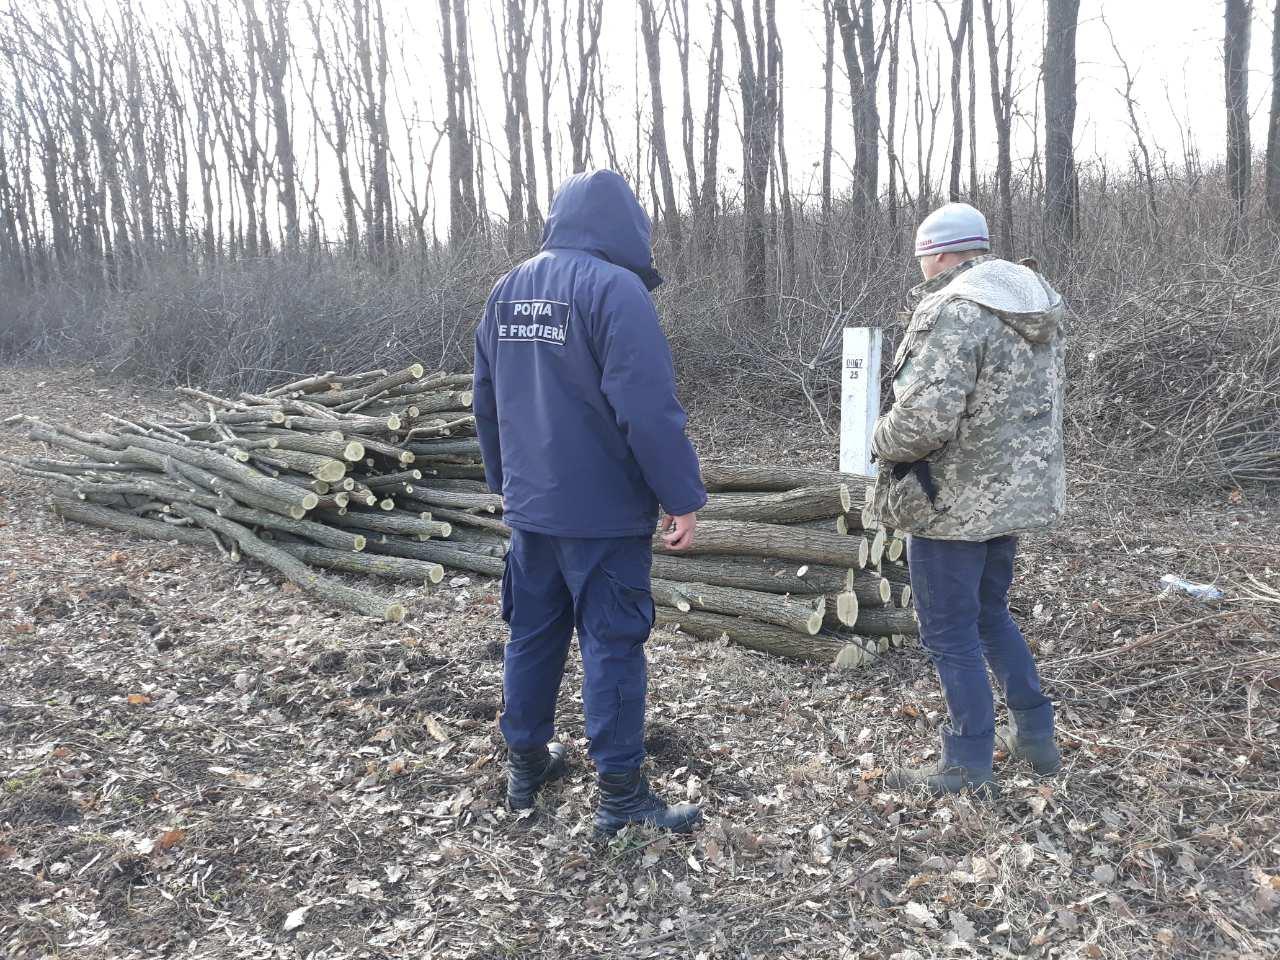 Tăiere ilicită de arbori, contracarată de polițiștii de frontieră din nordul țării